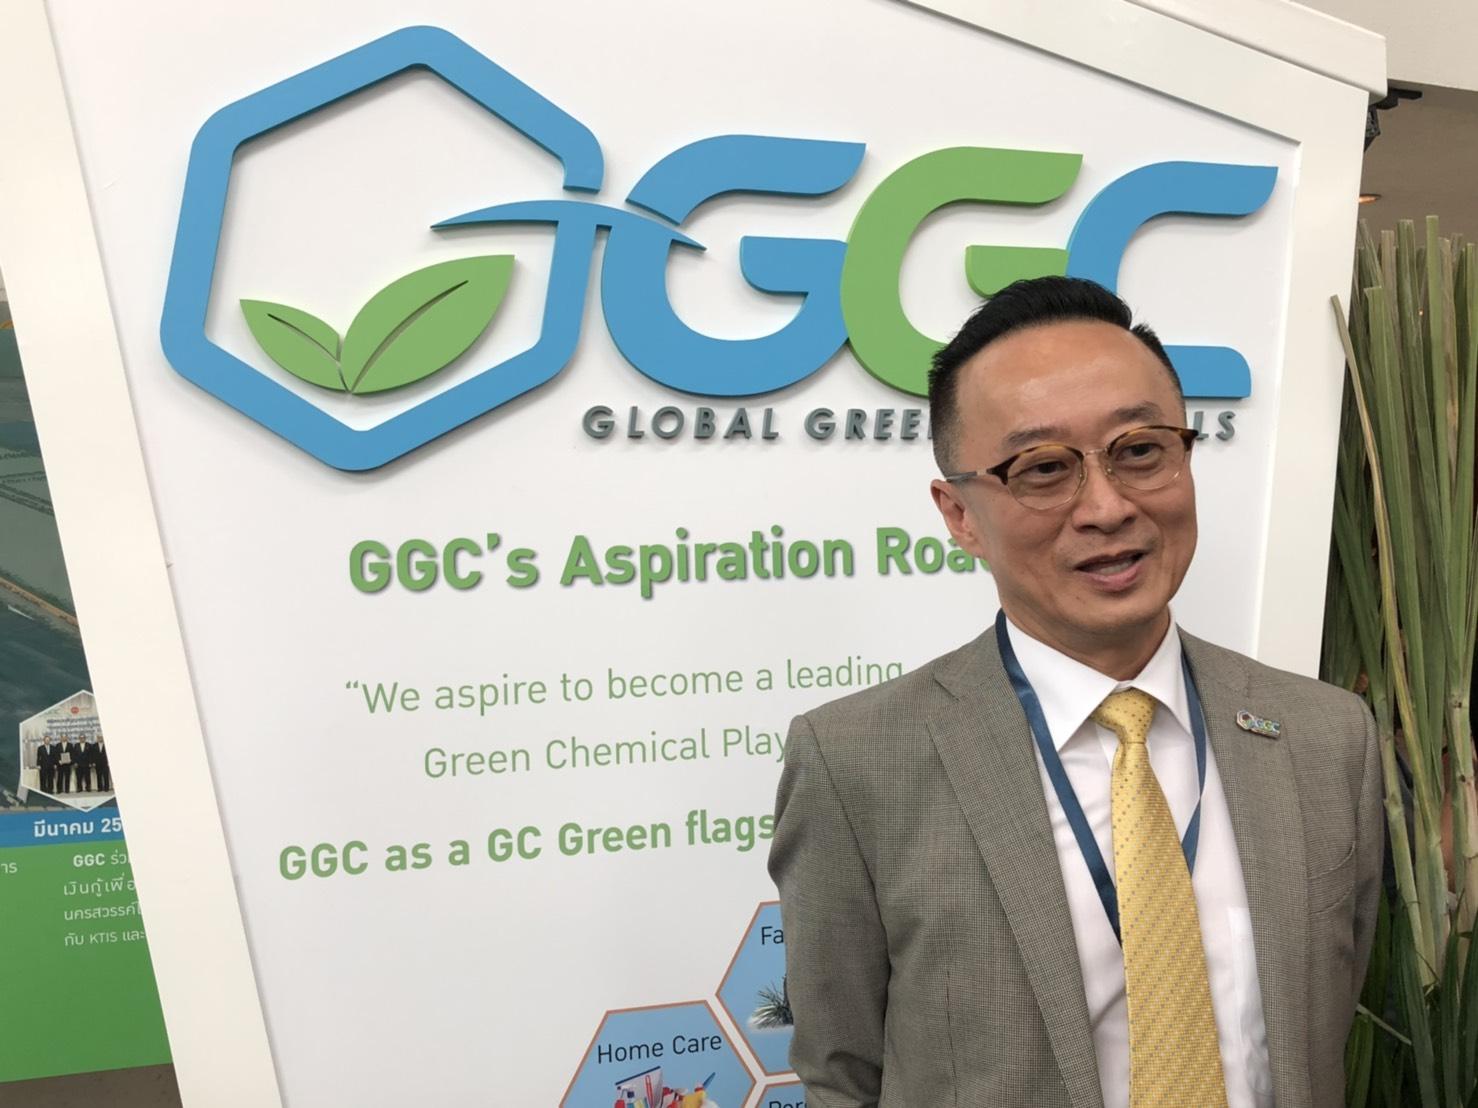 GGCคาดNatureWorks ใช้ไทยเป็นฐานผลิตPLA